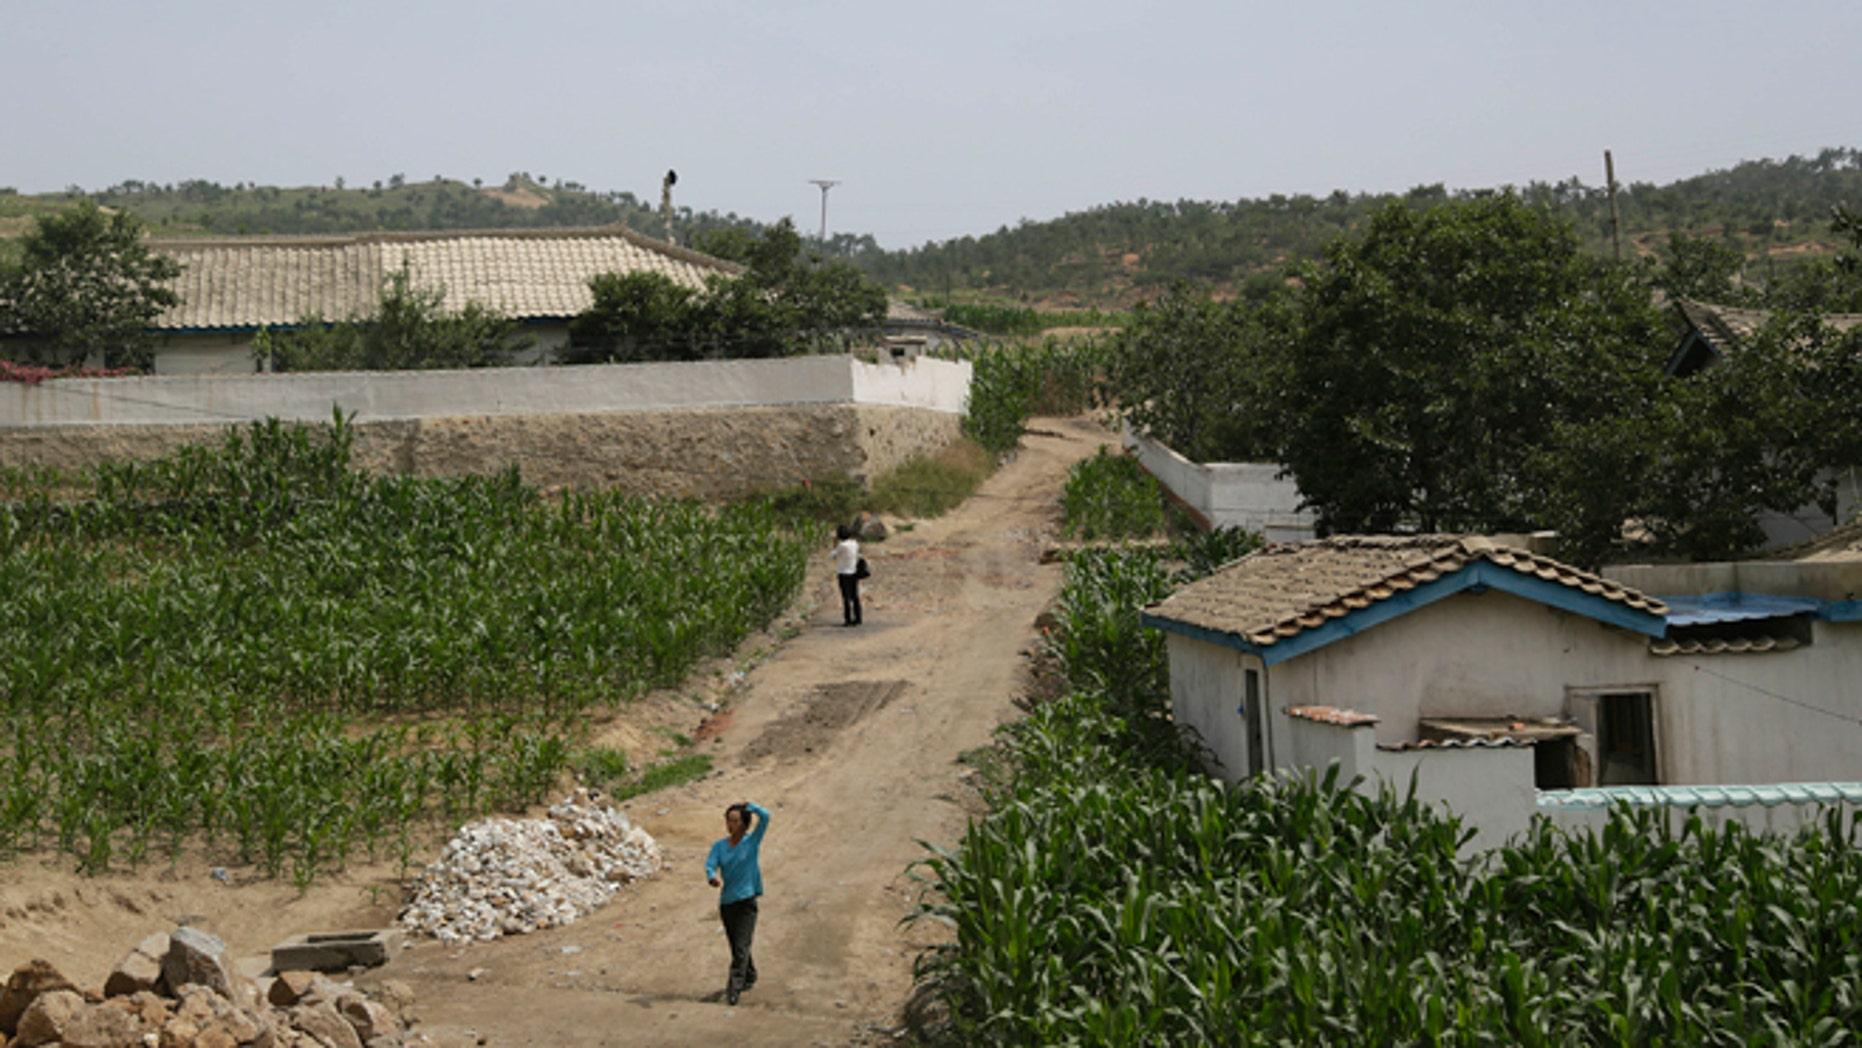 June 24, 2015: People walk between corn fields in South Hwanghae, North Korea.